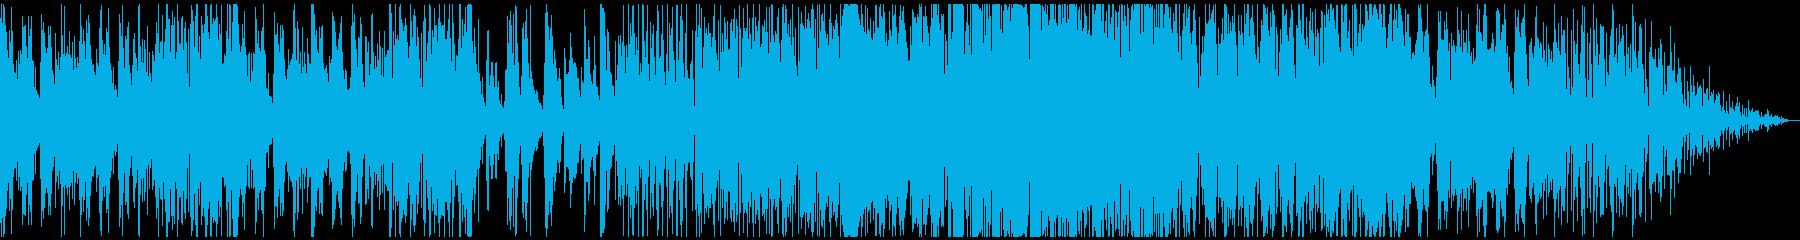 柔らかいシンセ&アコースティックサウンドの再生済みの波形